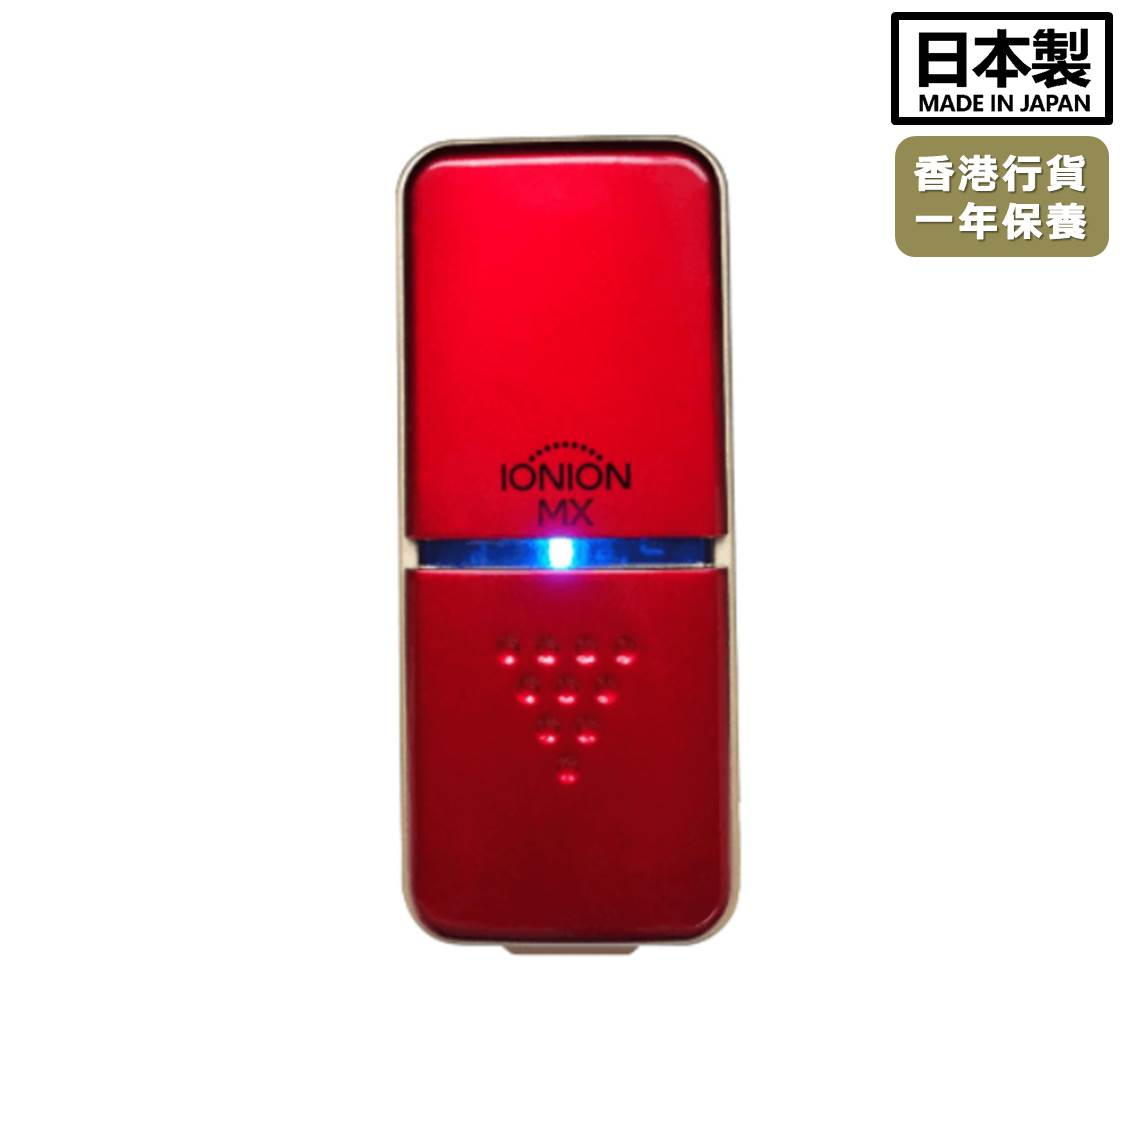 IONION MX超輕量隨身空氣清淨機 (紅)  最新升級版 香港行貨